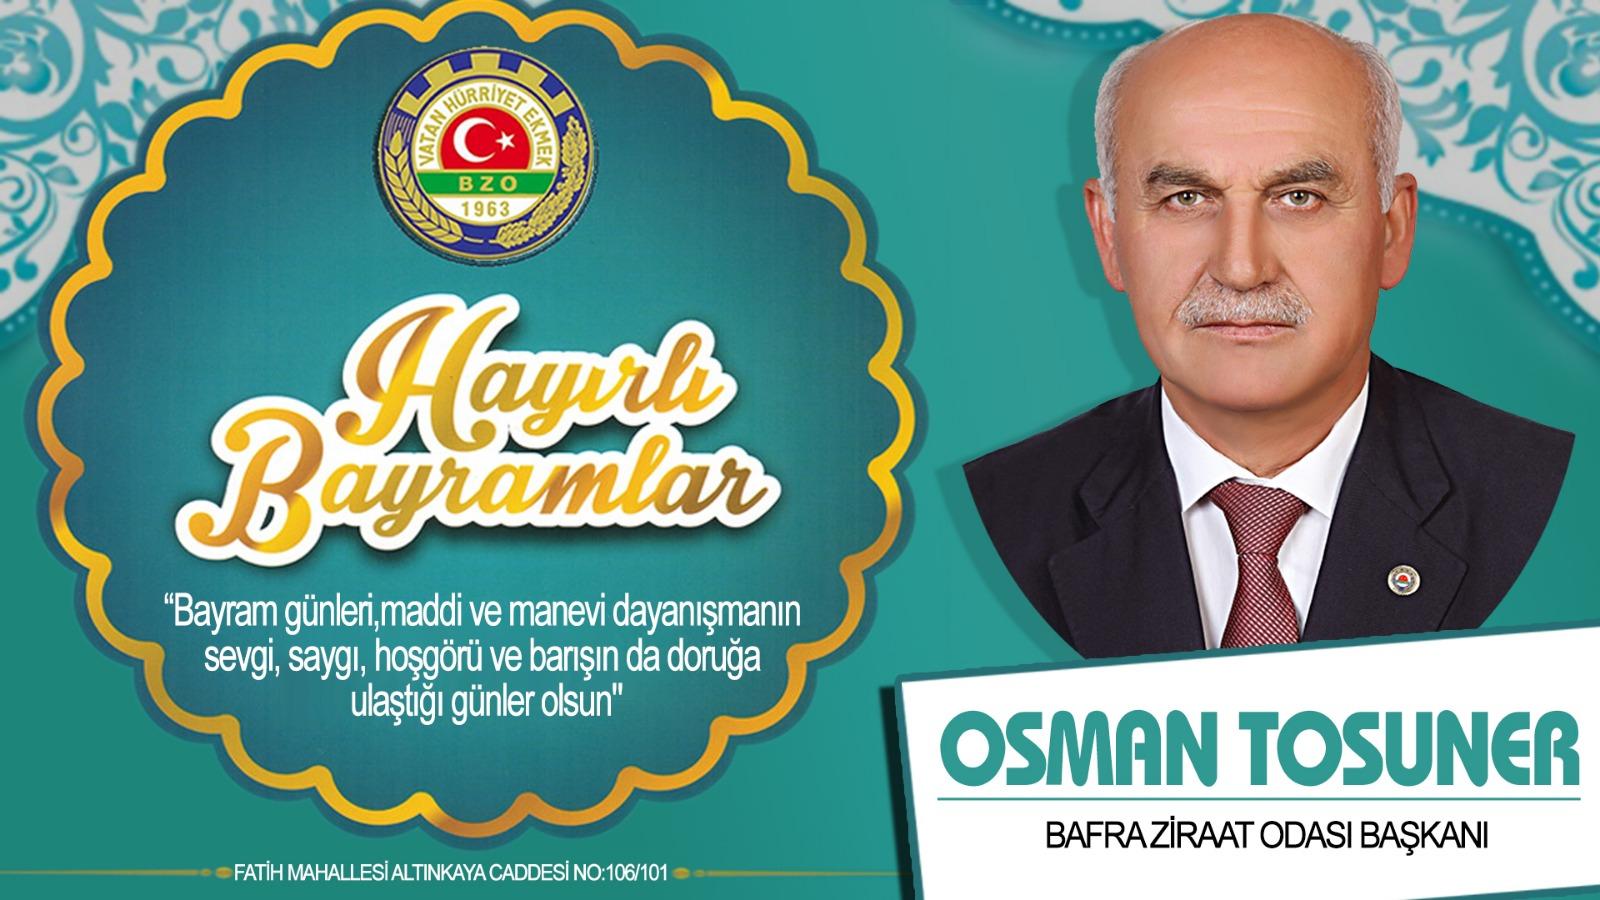 Osman Tosuner Bayram Tebriği